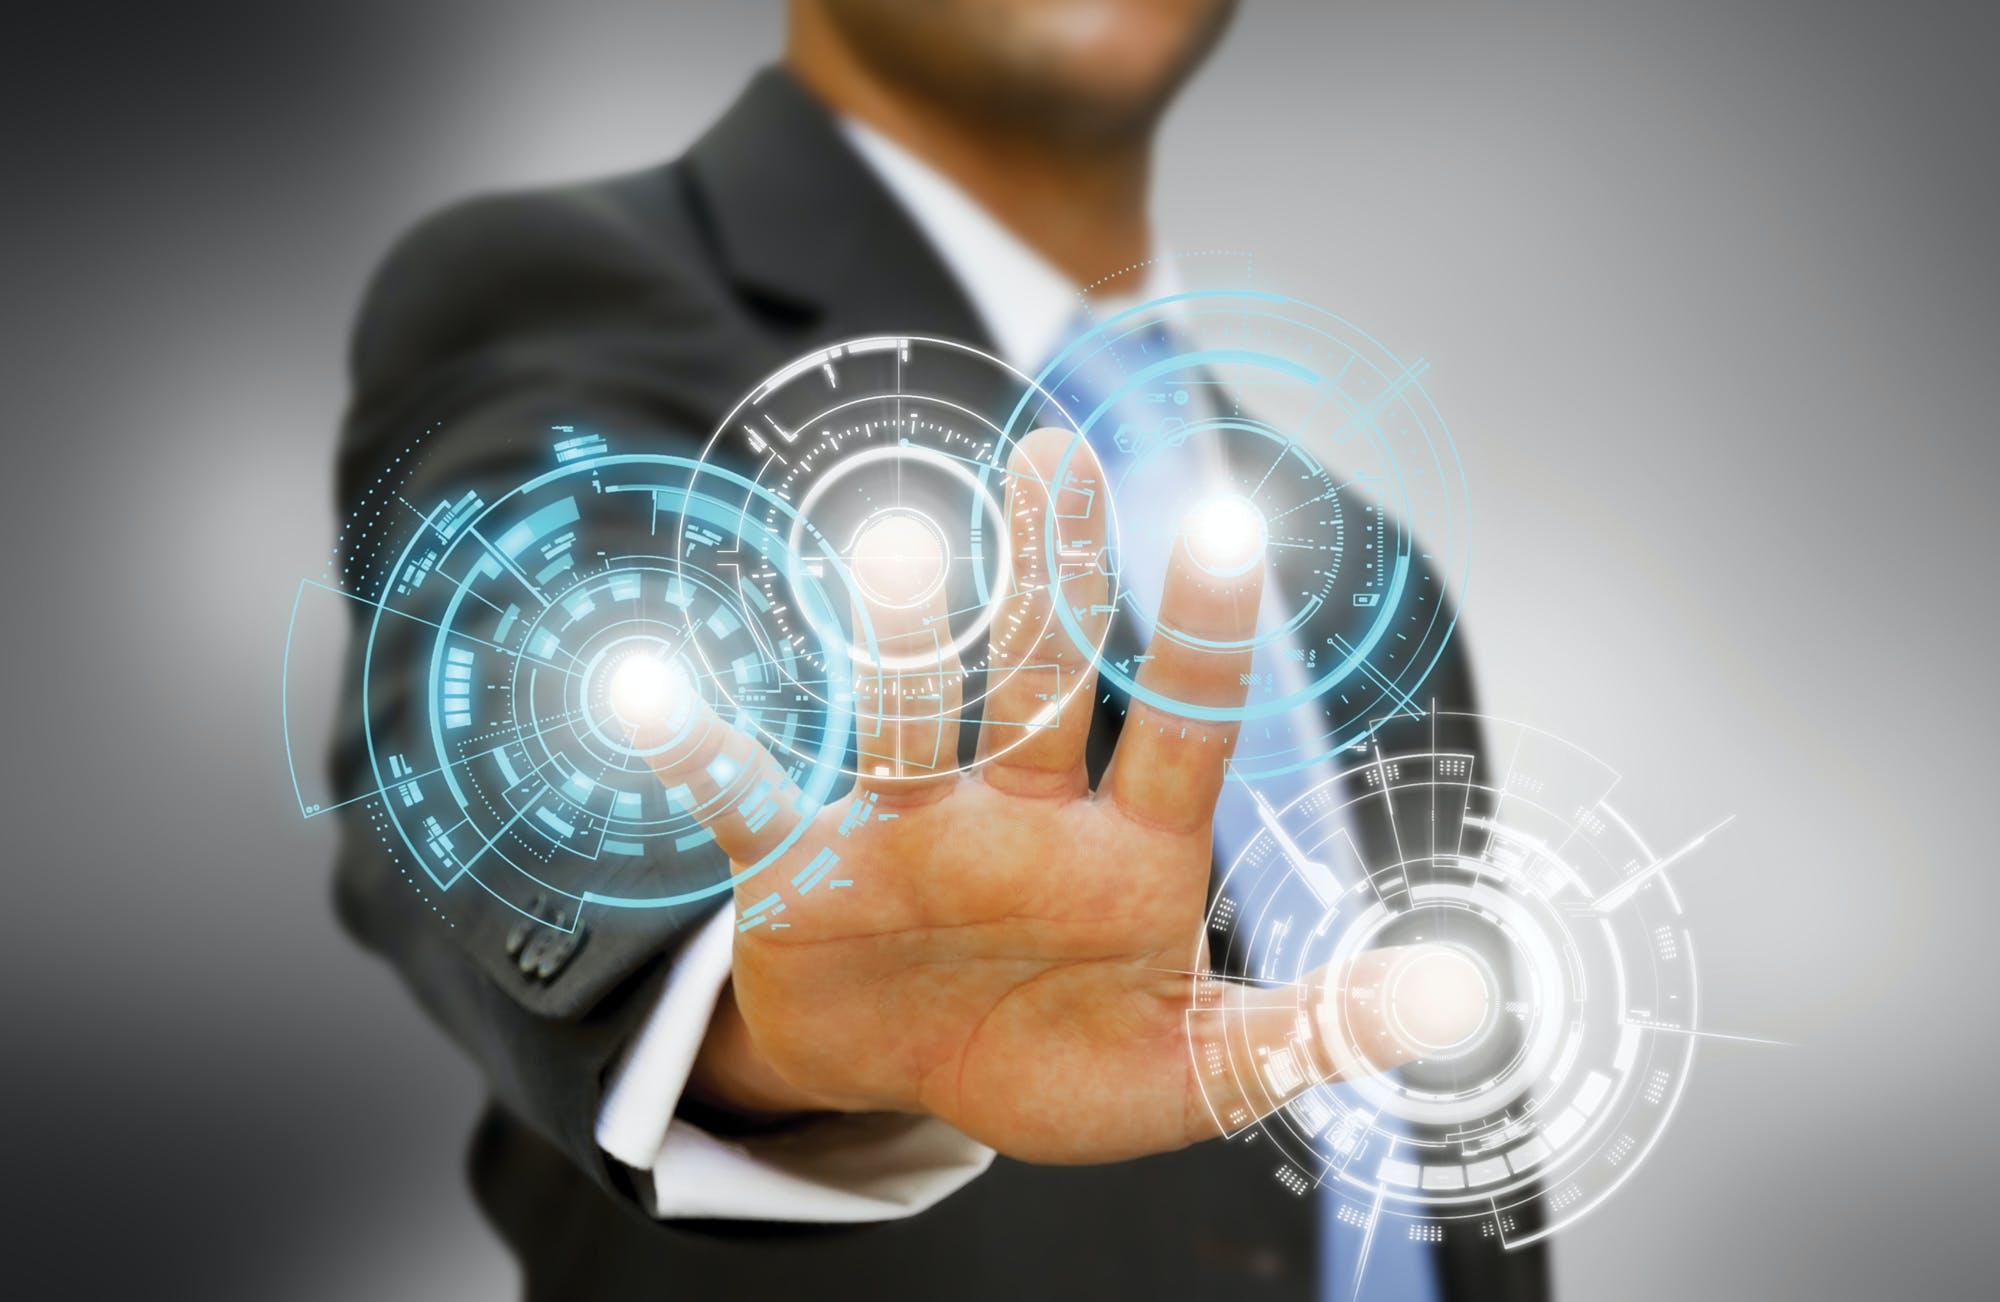 marketing-tech-indexmaybe-2013-fullwidth